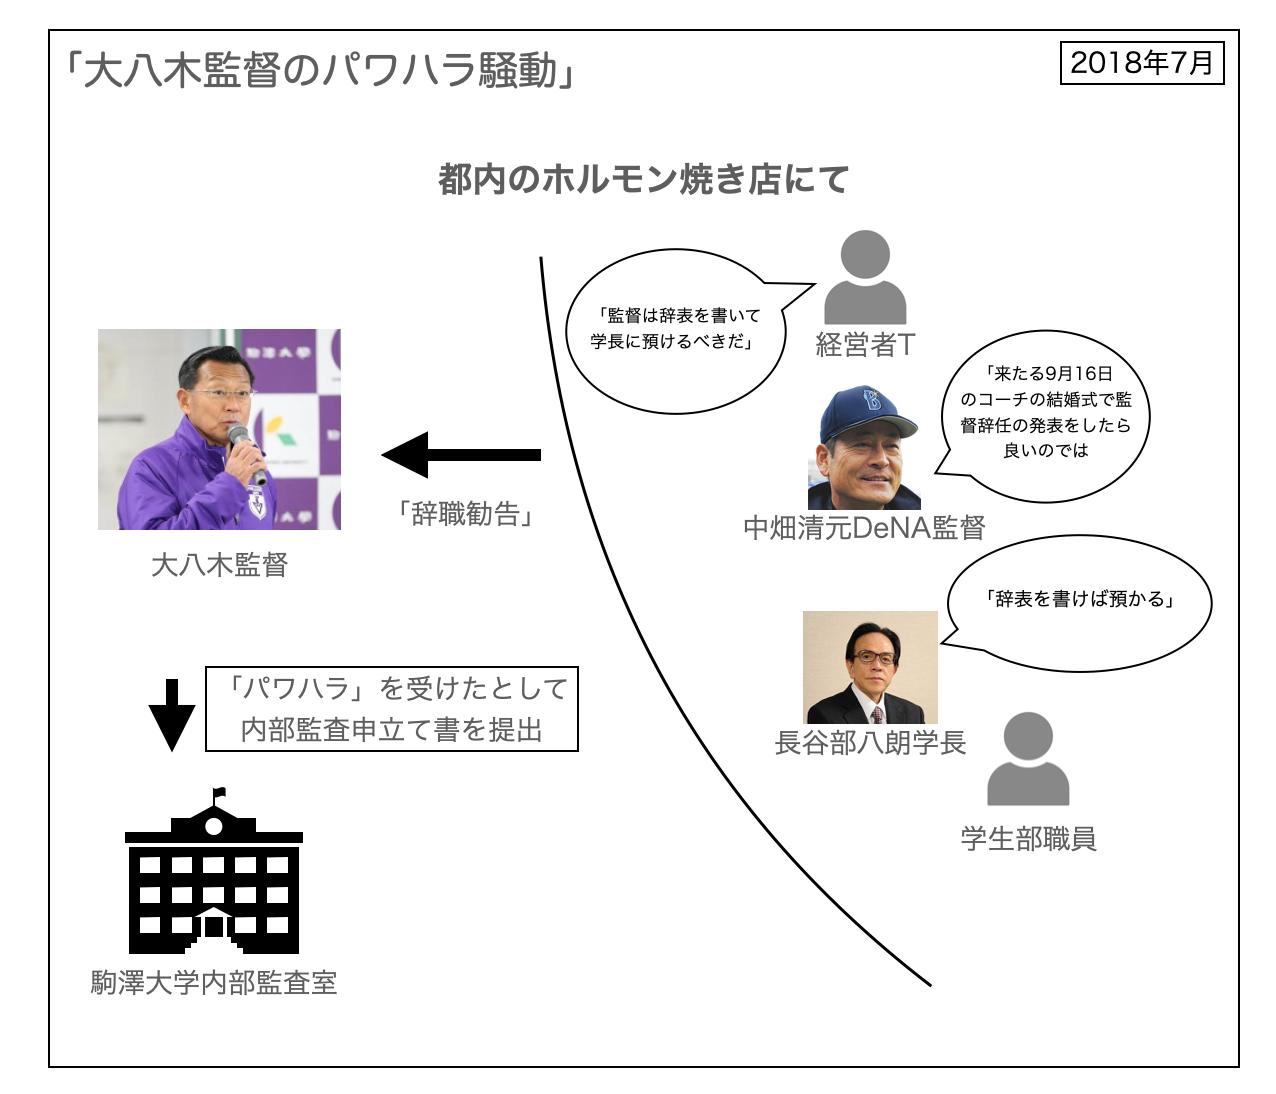 Ooyagi-coach